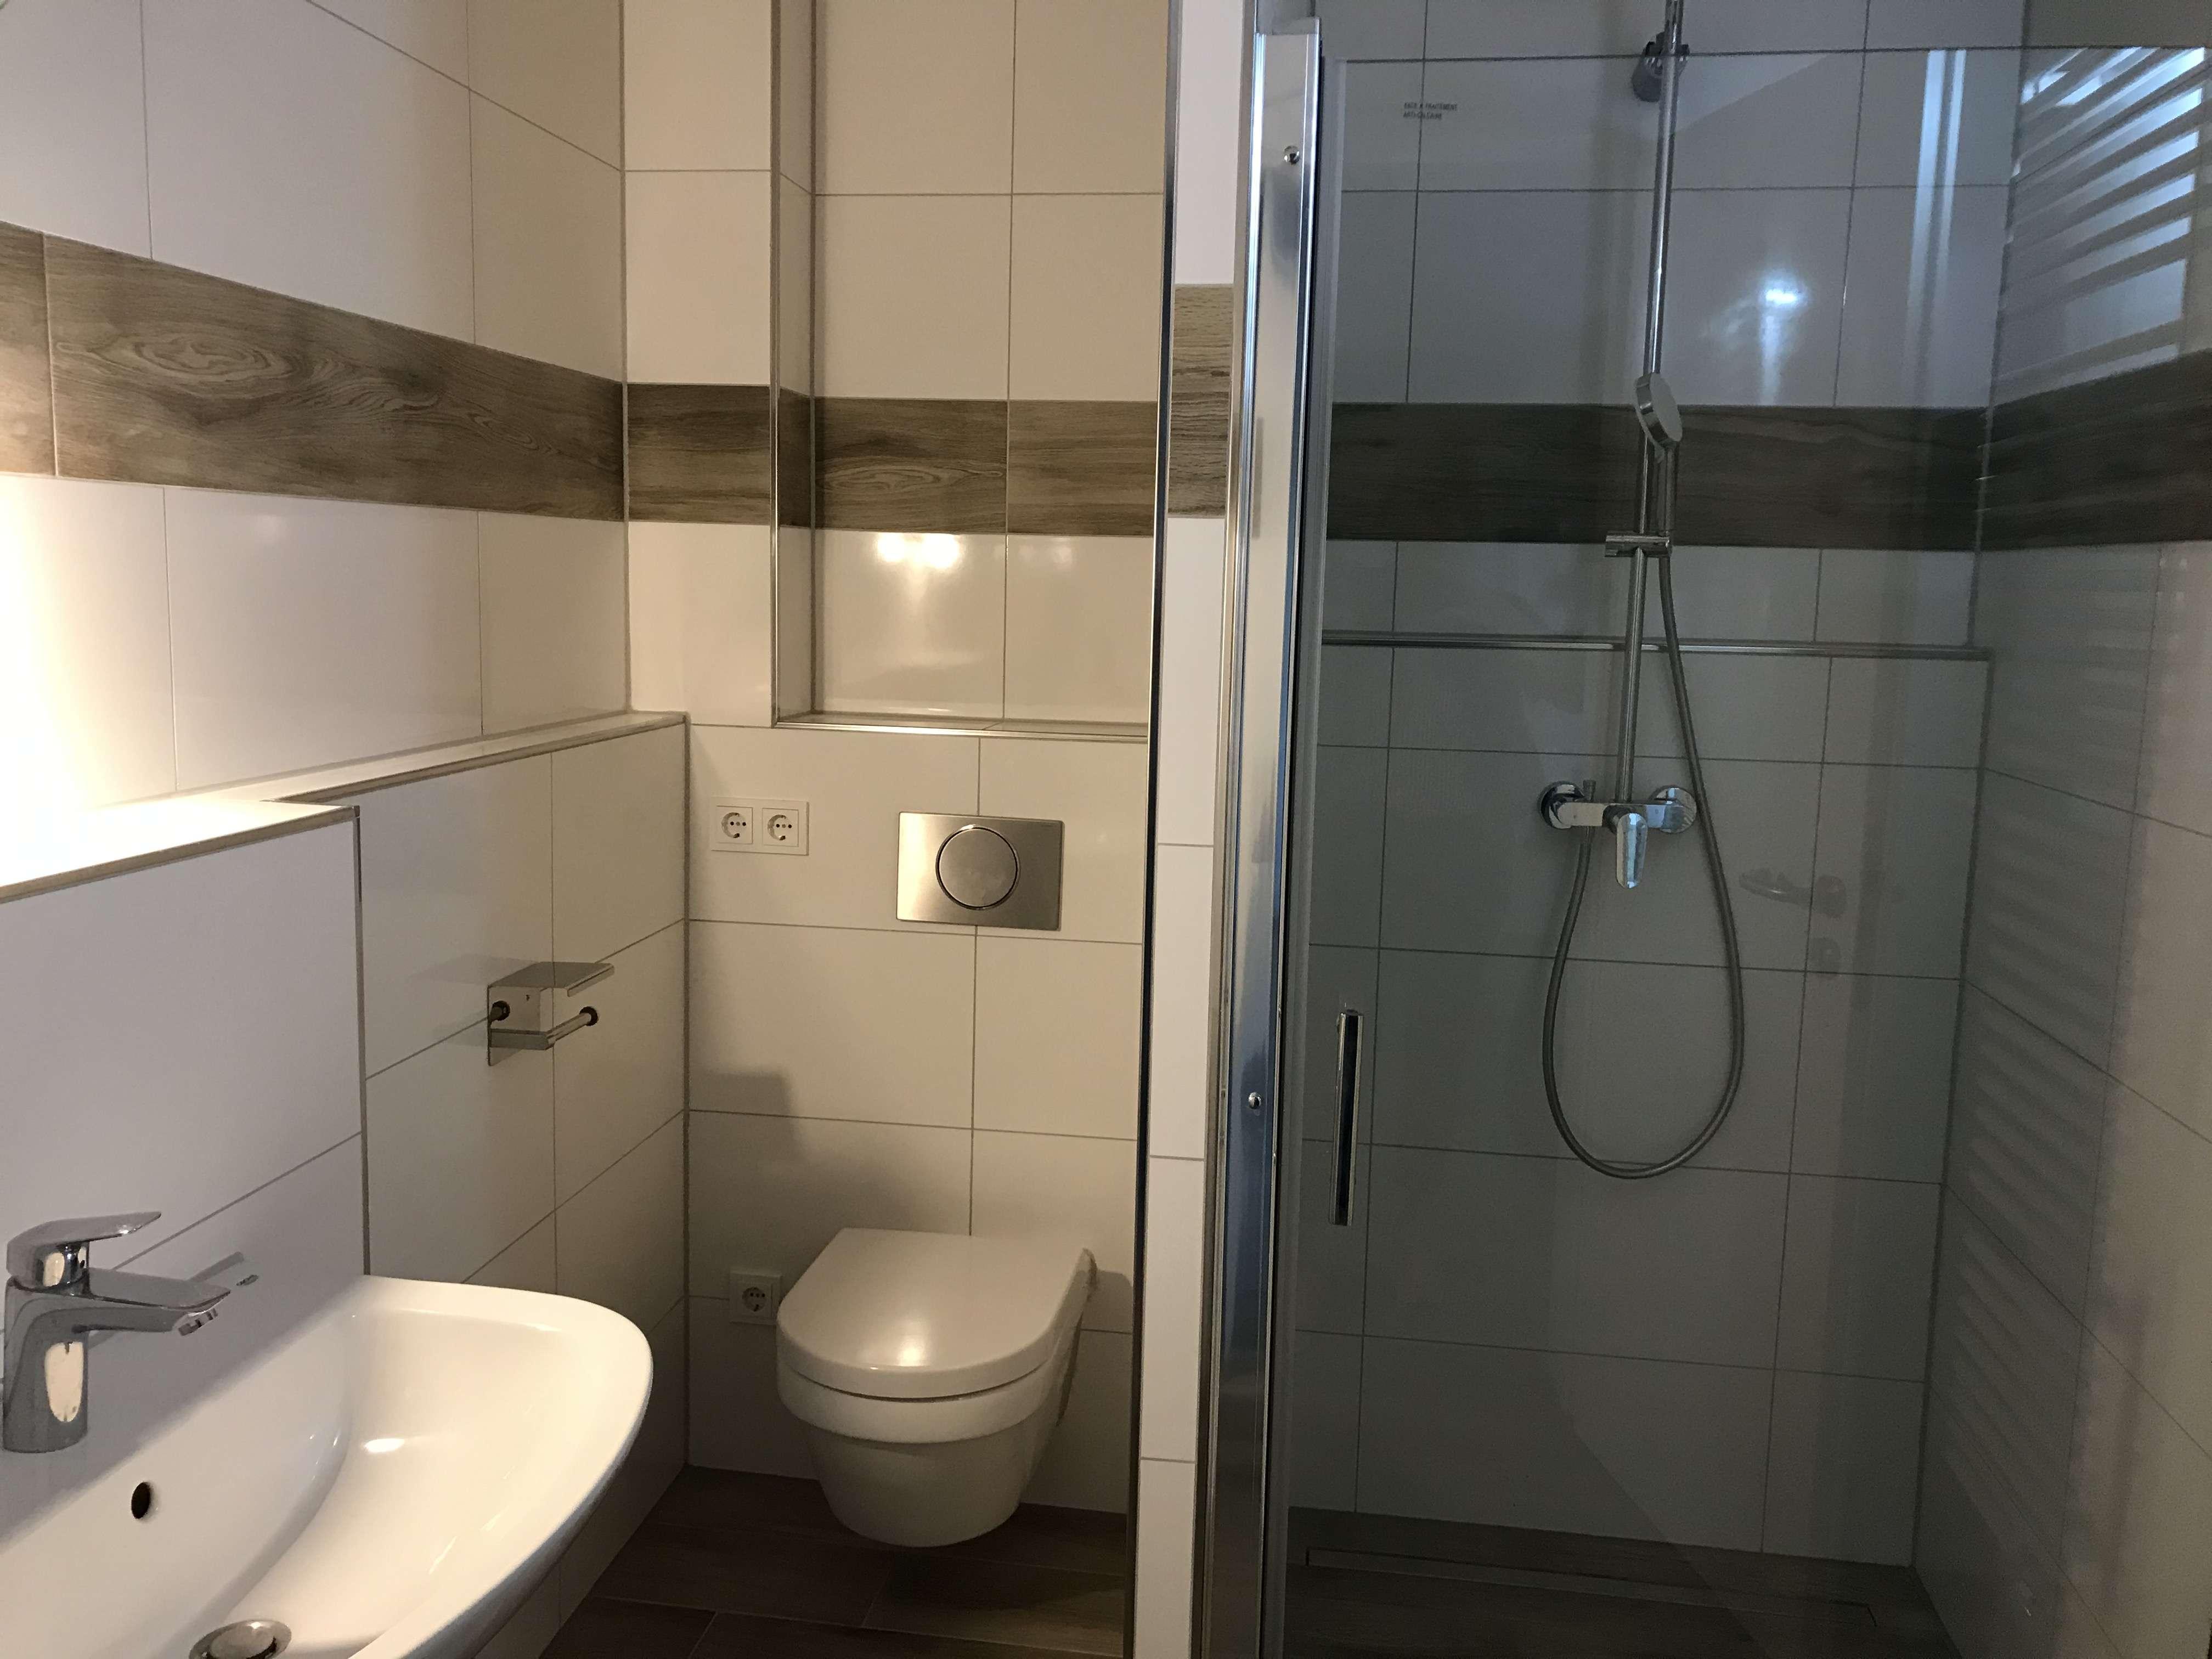 Nr. 18 Erstbezug 3 Zimmer Wohnung 1. OG Neubau in Germering (Fürstenfeldbruck)